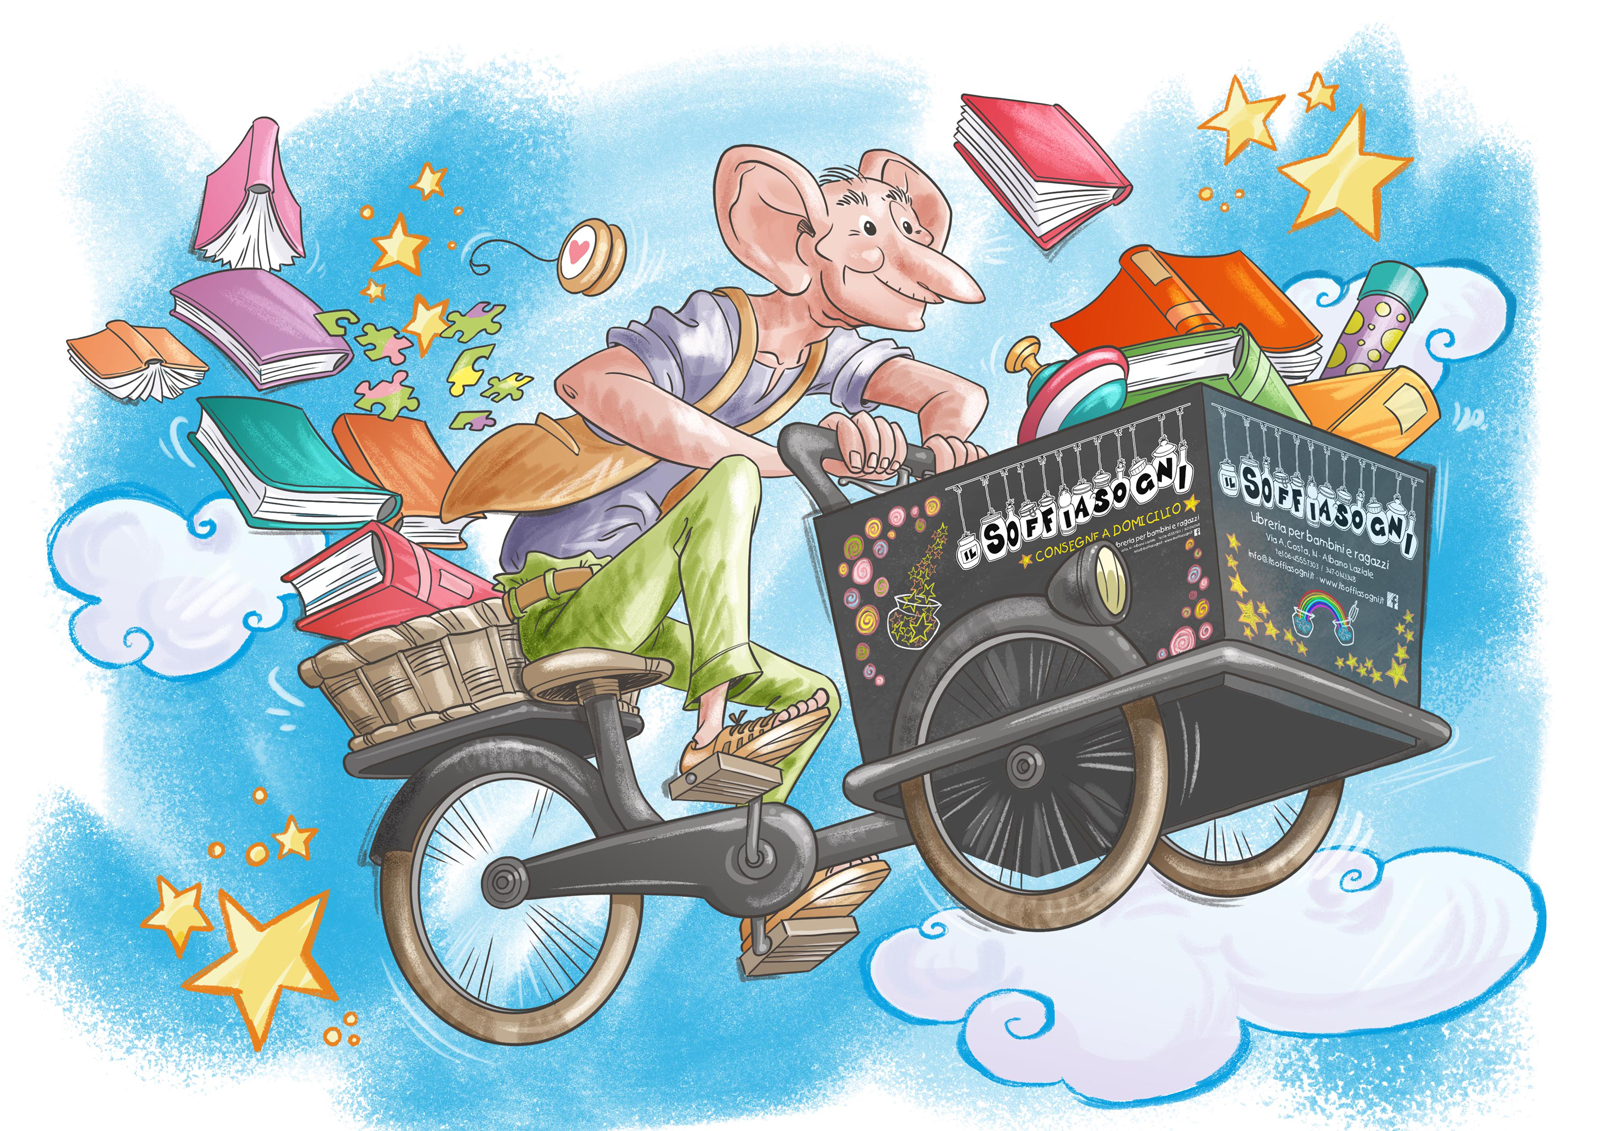 Il Soffisogni in Bicicletta